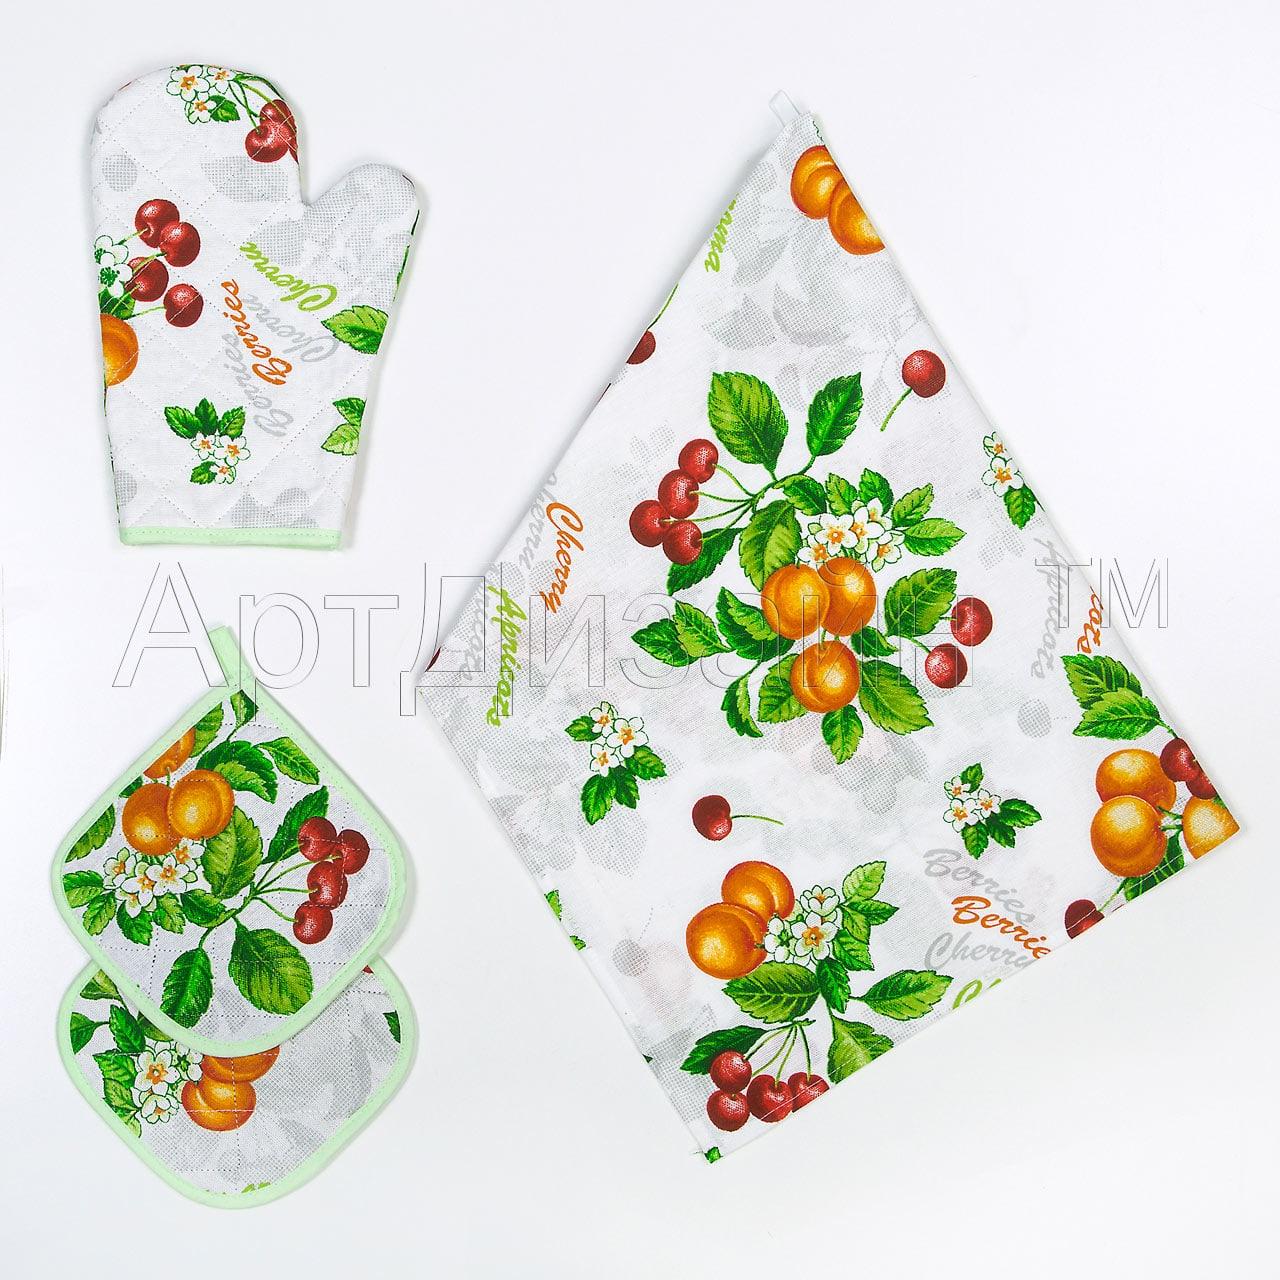 Кухонные принадлежности Конфитюр р. 4 пред. delphi конфитюр апельсиновый v halvatzis 370 г